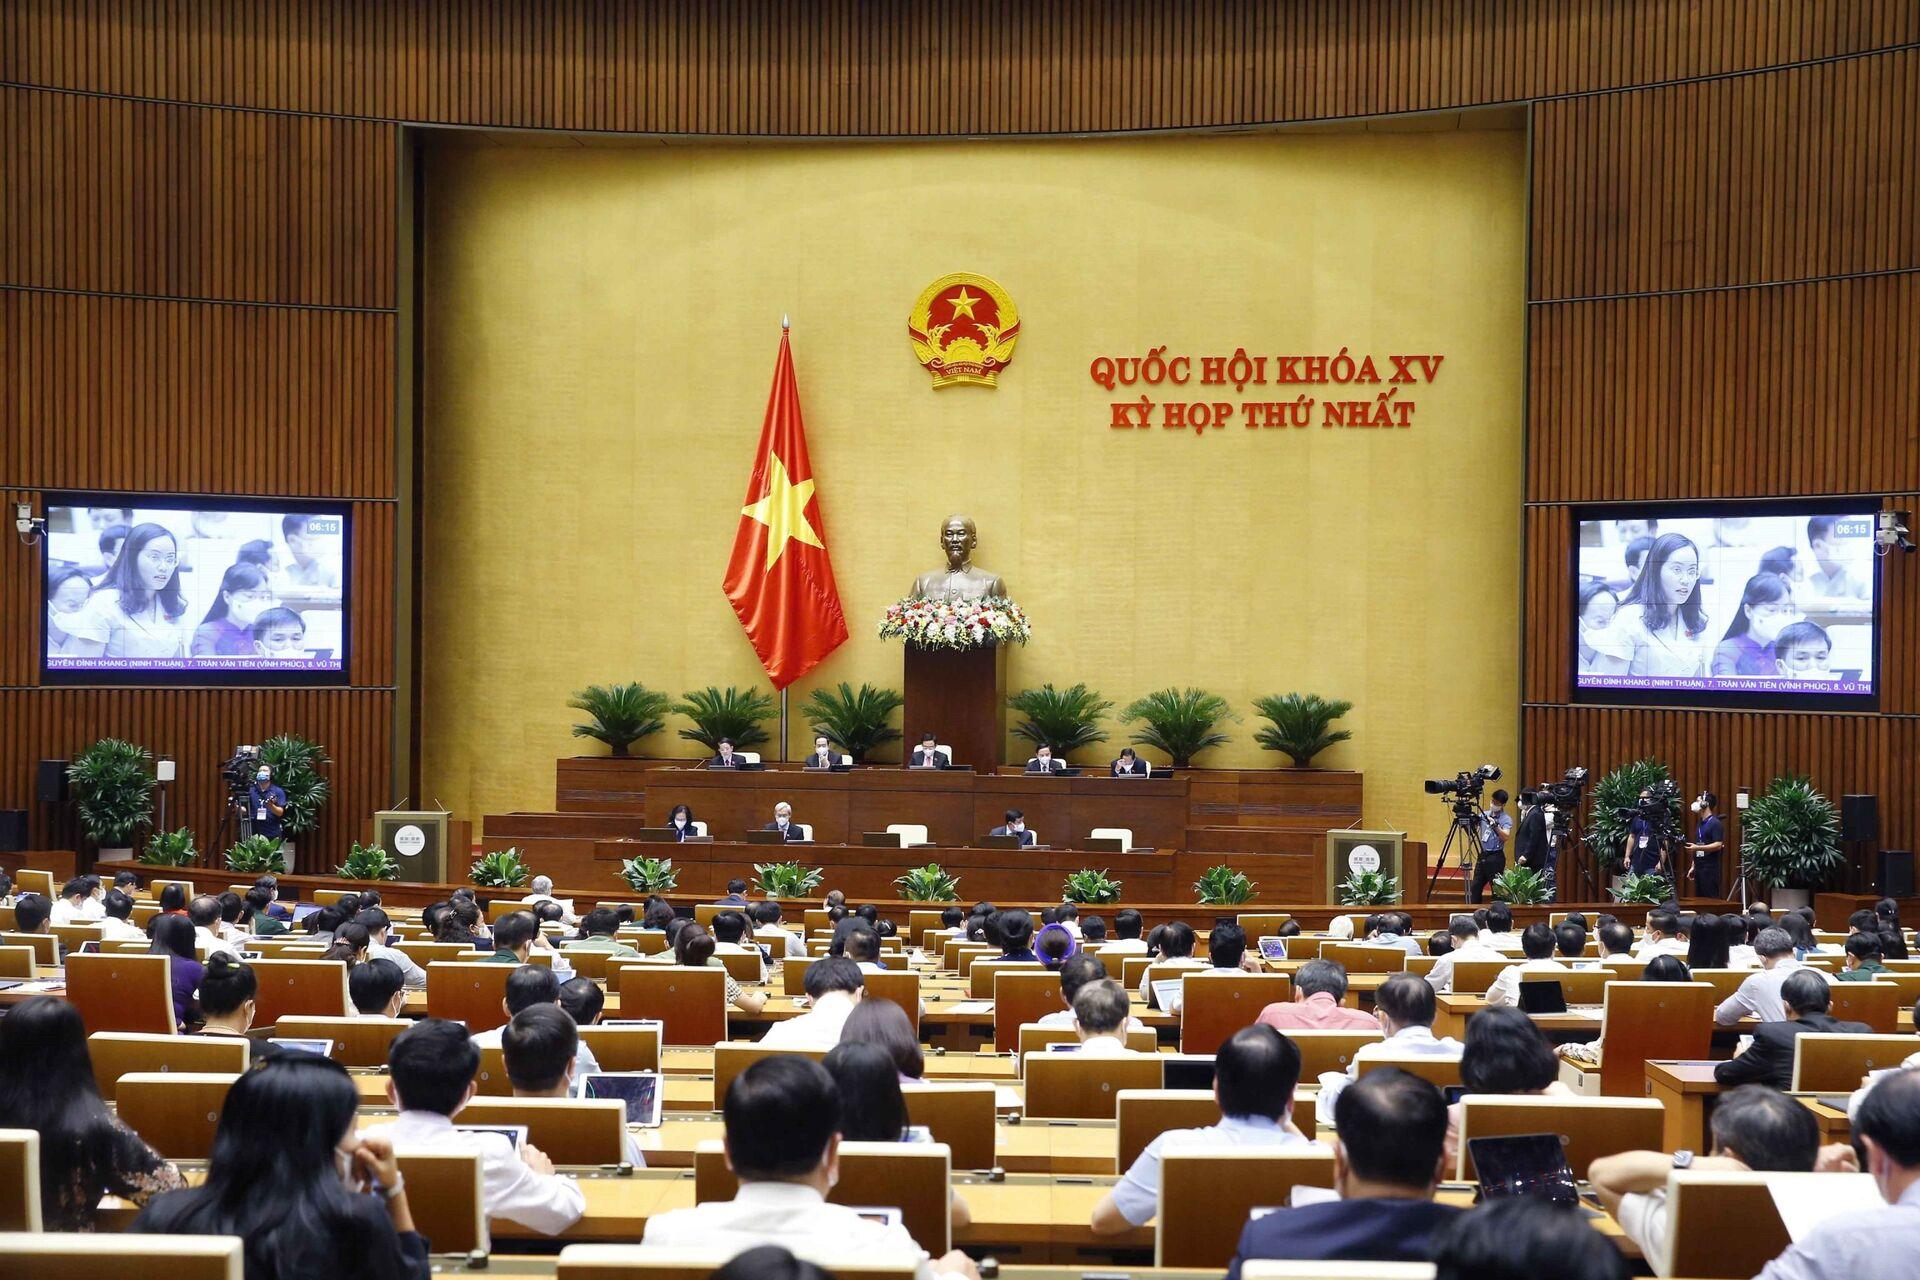 Quốc hội Việt Nam xem xét ban bố tình trạng khẩn cấp - Sputnik Việt Nam, 1920, 27.07.2021